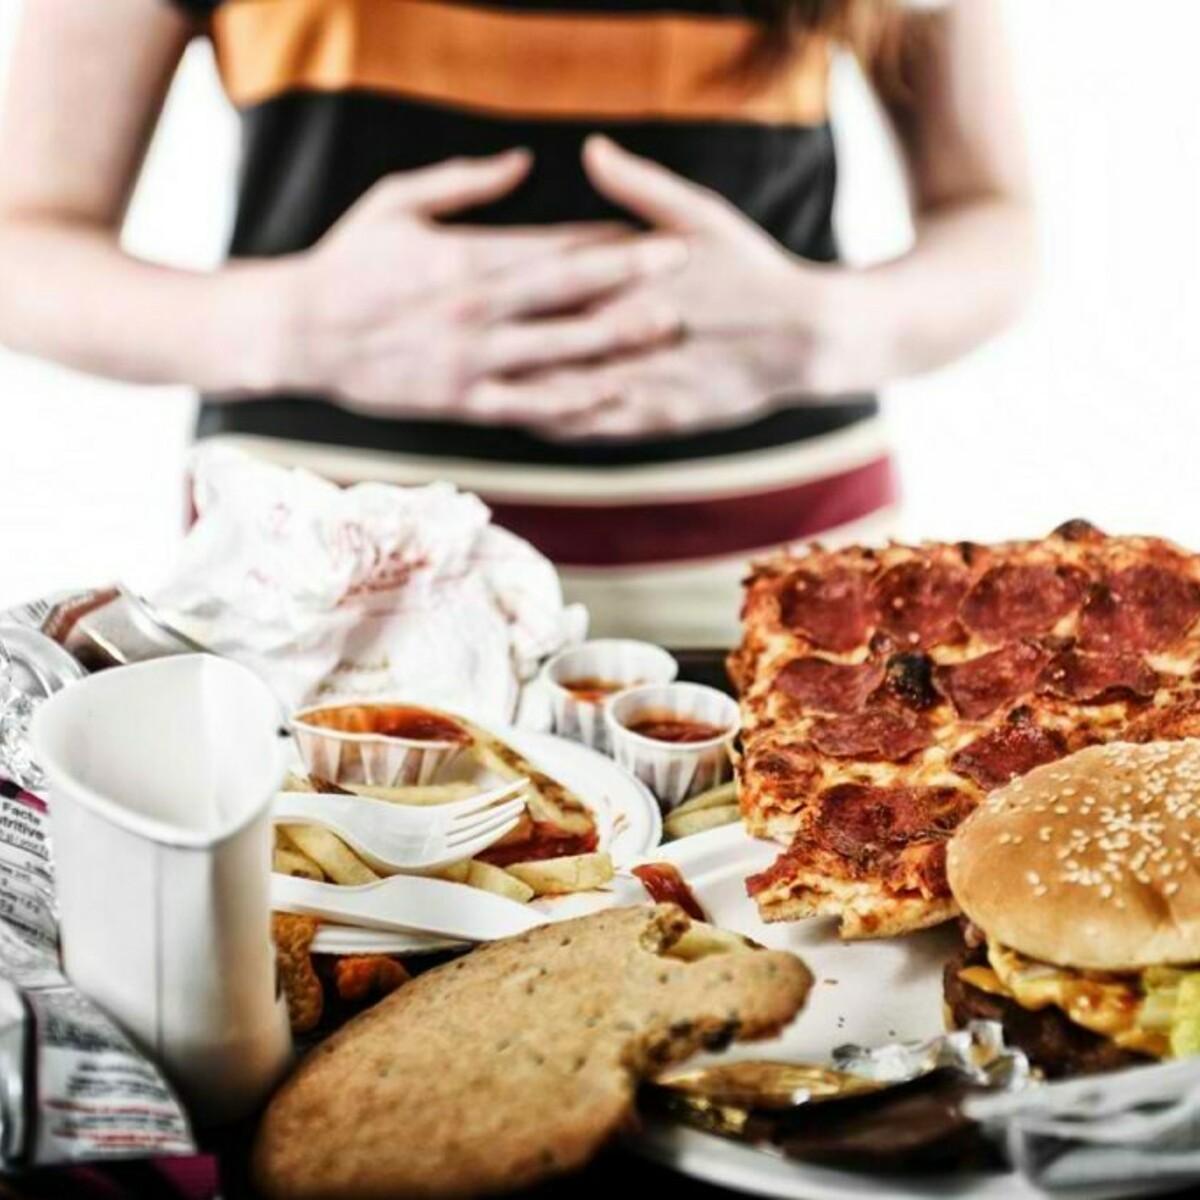 Una dieta povera di grassi rallenta lo sviluppo dei tumori